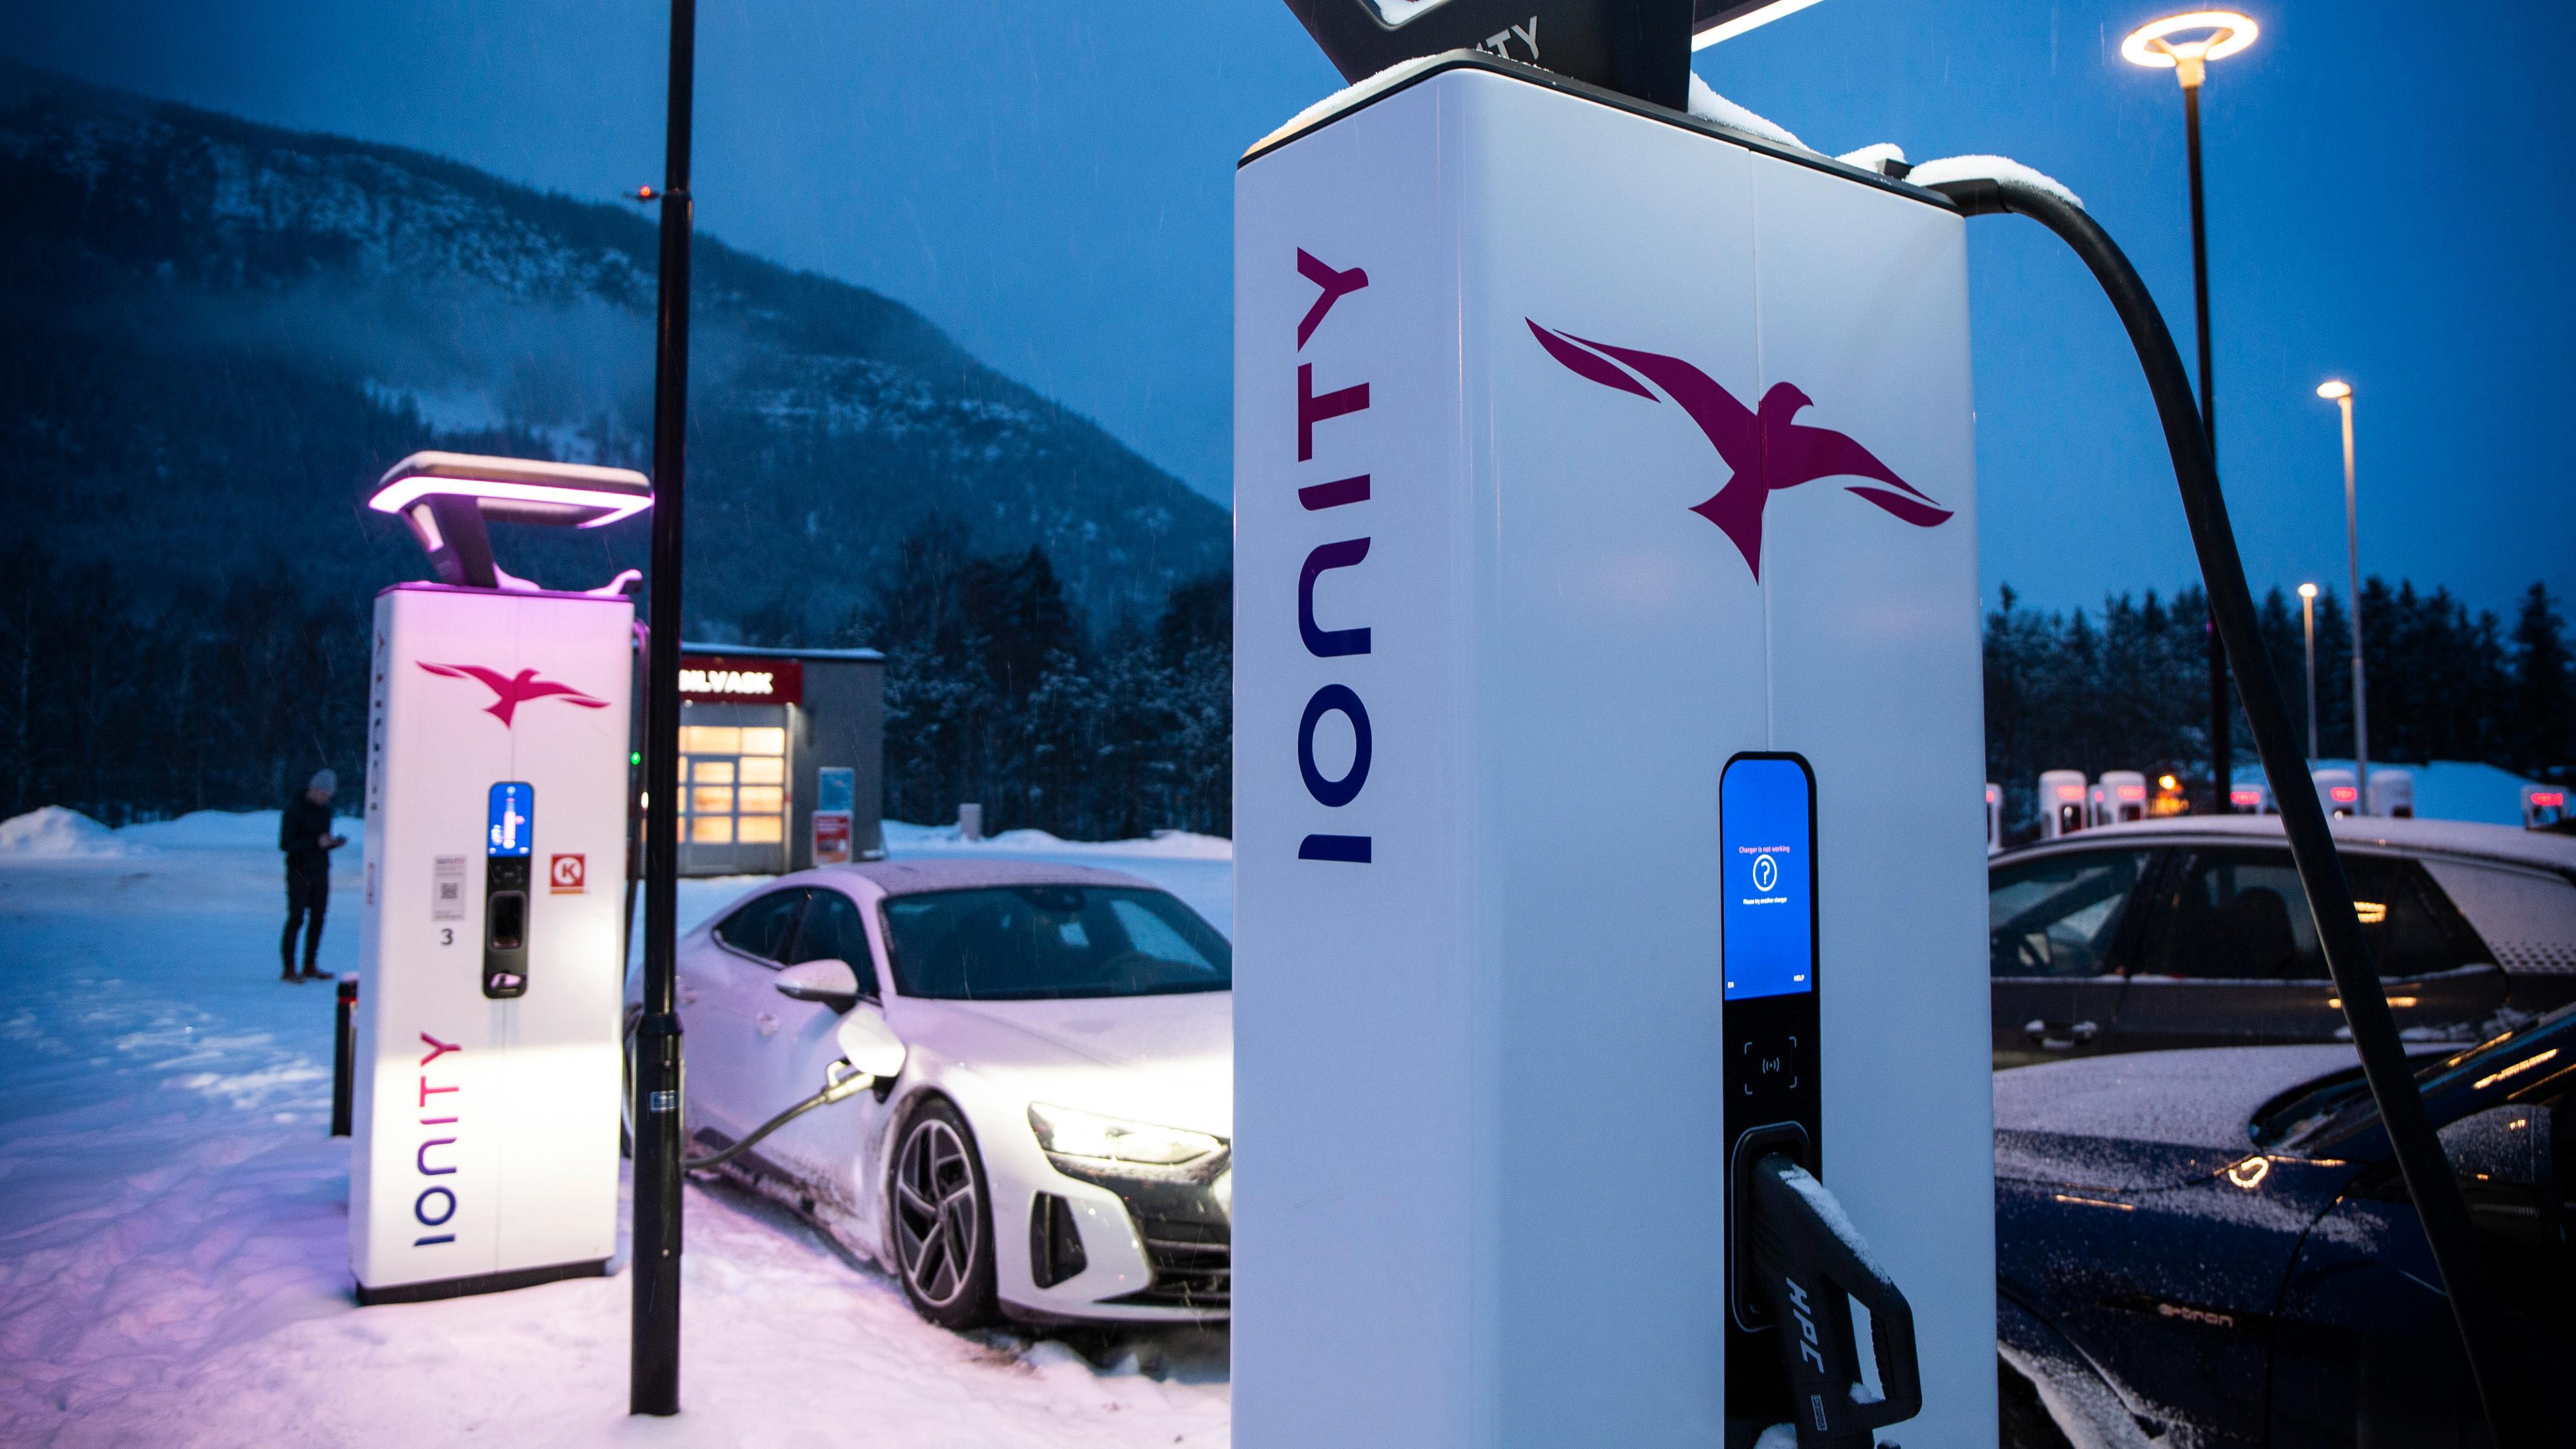 Ionity er dyrest av alle for drop-in-kunder, mens de bilmerkene som har en egen avtale slipper rimelig unna. Ionity tilbyr også raskest lading av alle, med 350 kilowatt på alle stolper - mer enn noen elbil kan lade med foreløpig.